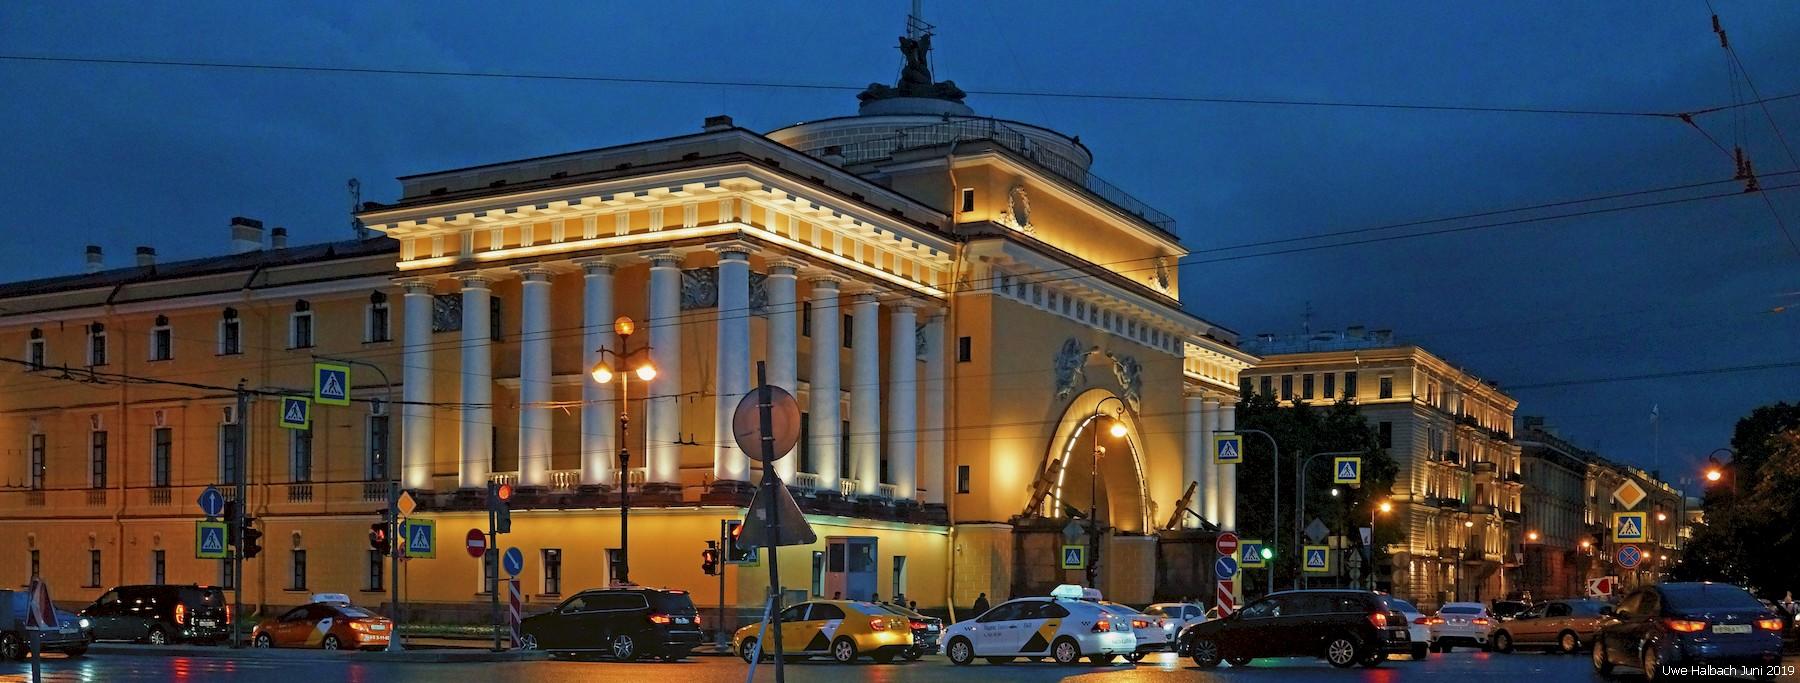 07-Petersburg-abends-1800